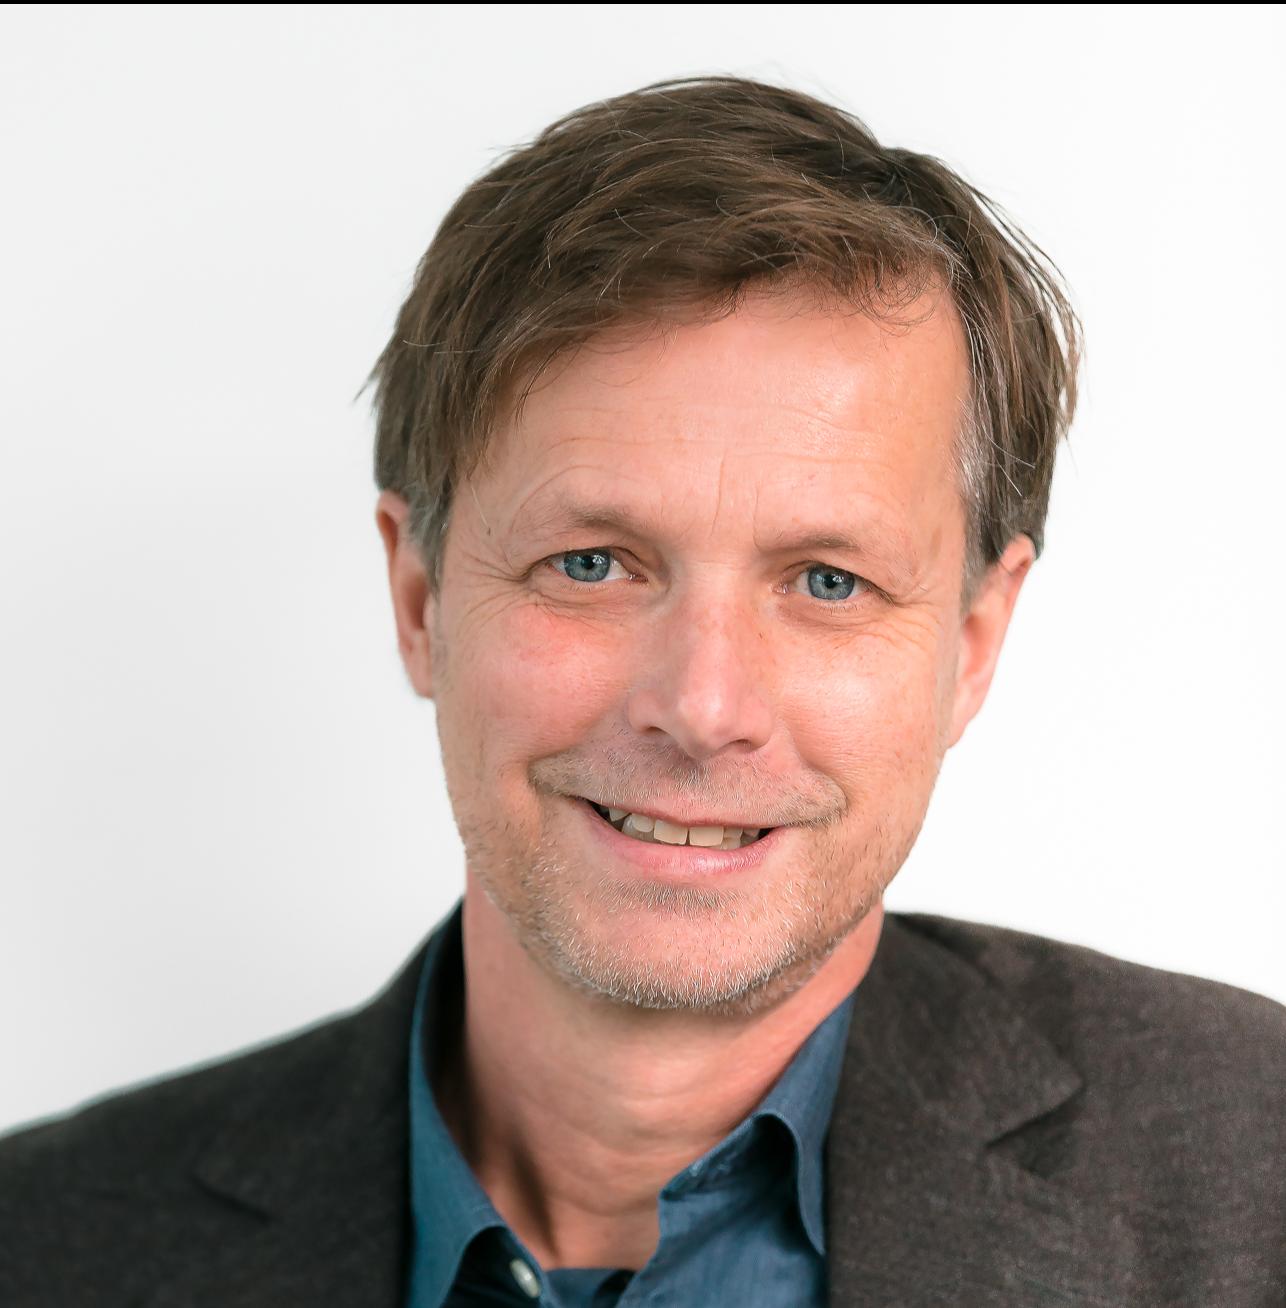 Magnus Bårdén